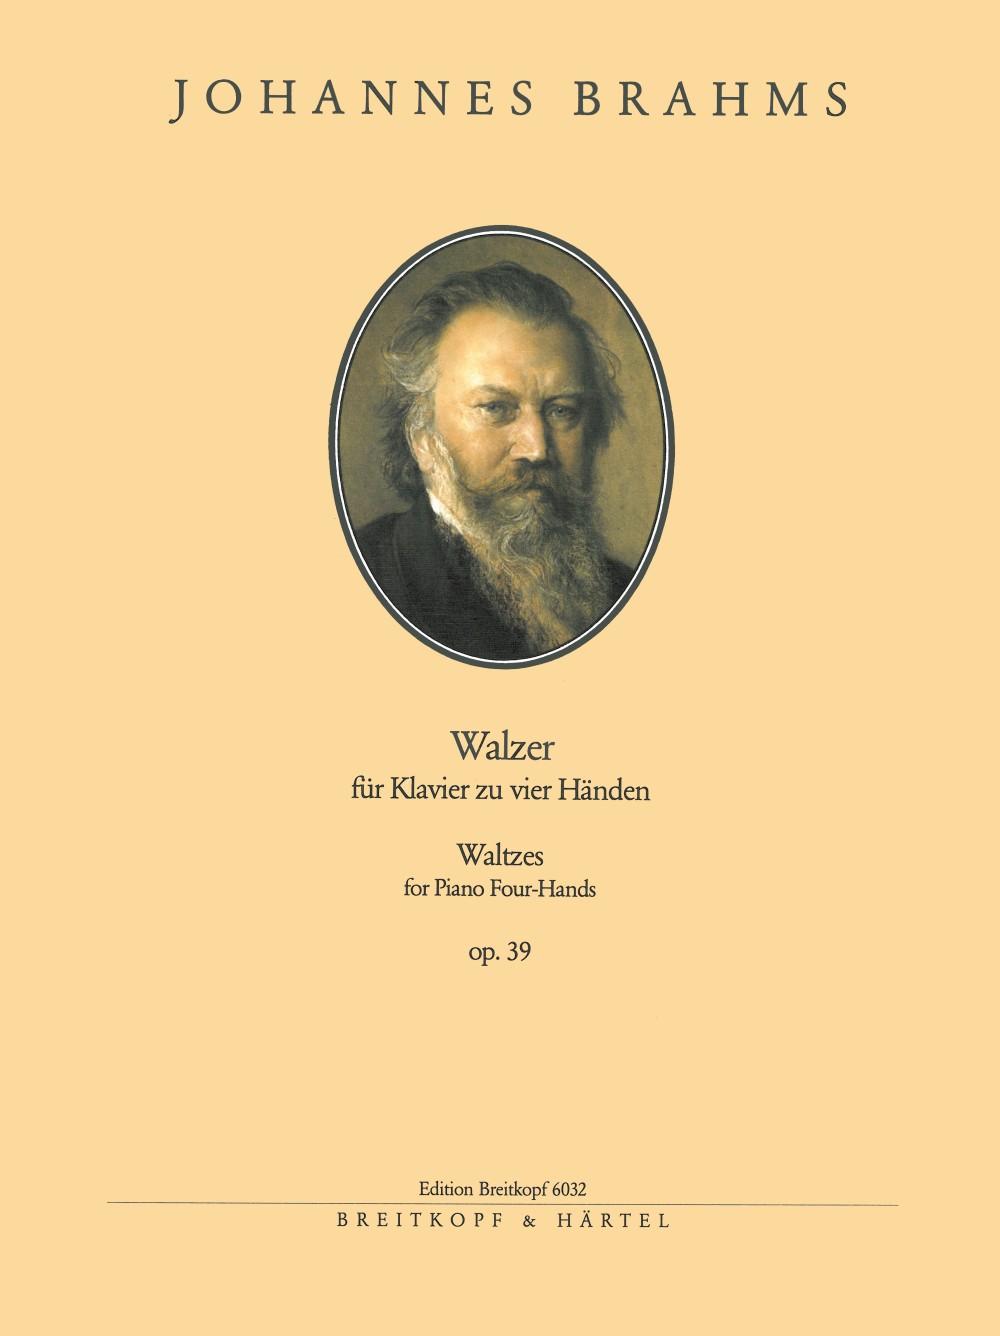 16 Waltzes Op. 39